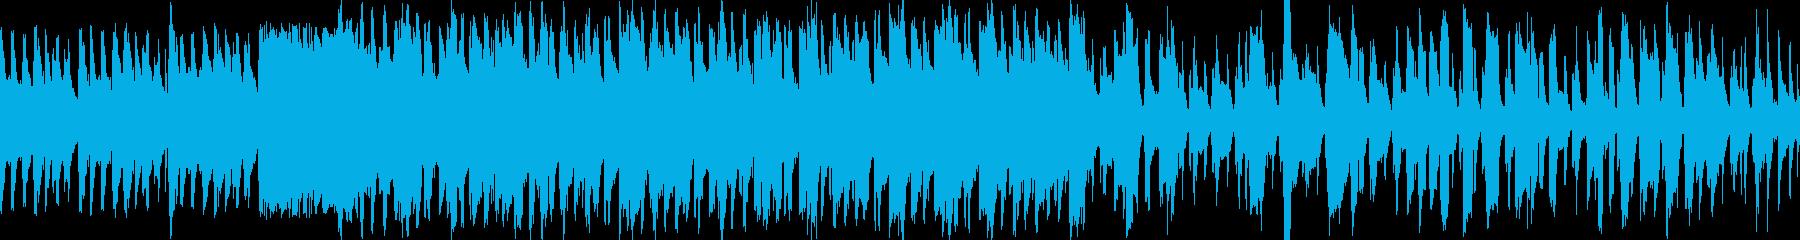 サックスのジャズ風クリスマスソングの再生済みの波形